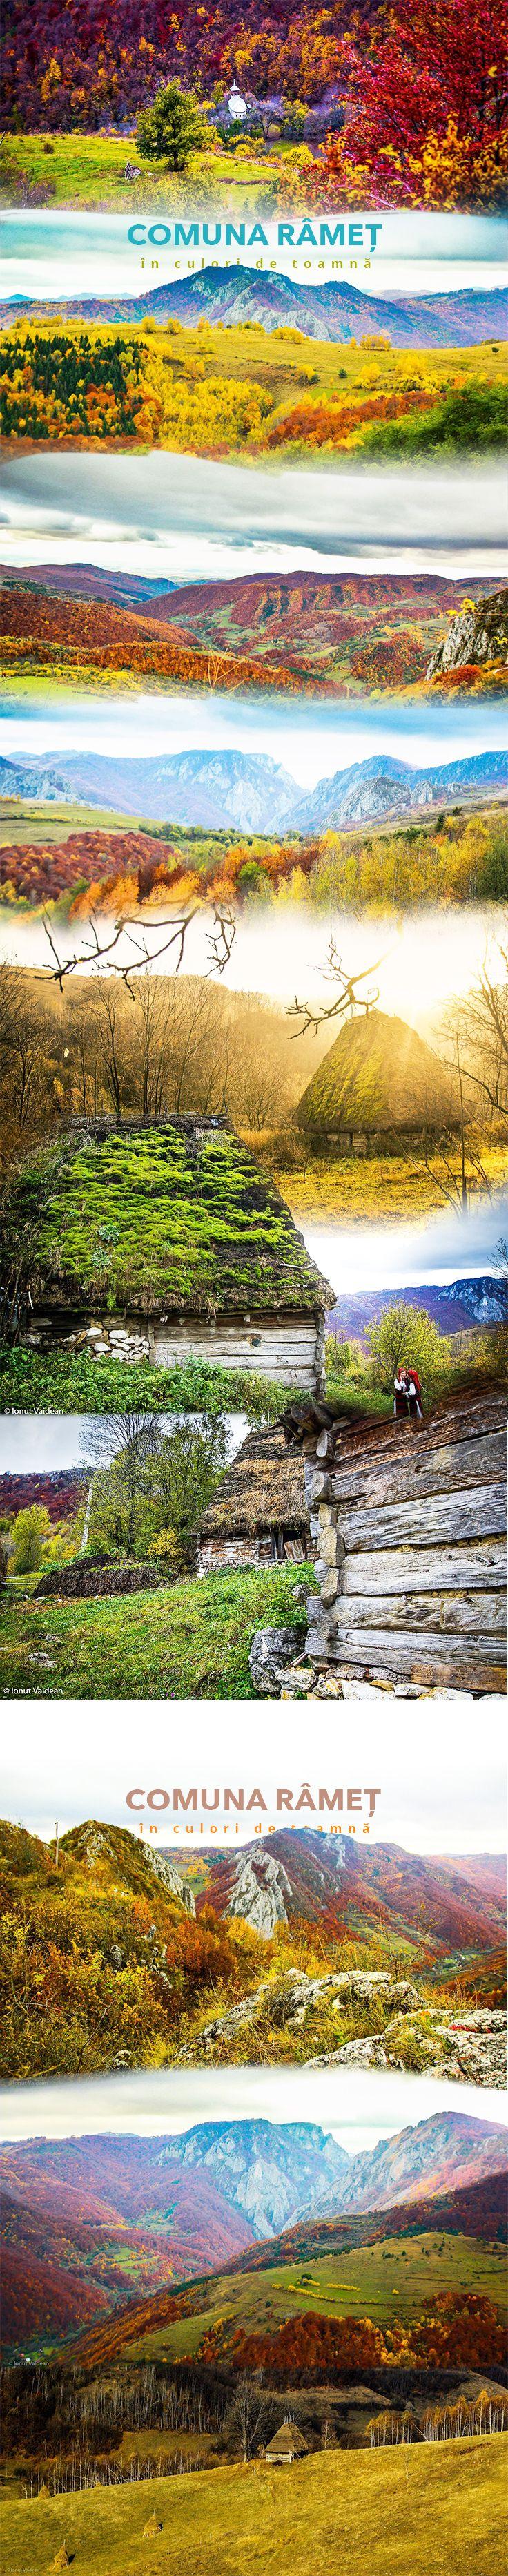 Peisaje de toamnă, Comuna Râmeț, Judetul Alba, Romania #RomaniaFrumoasa #Romania #AlbaFrumoasa #Tourism Romania Foto: Ionut Vaidean